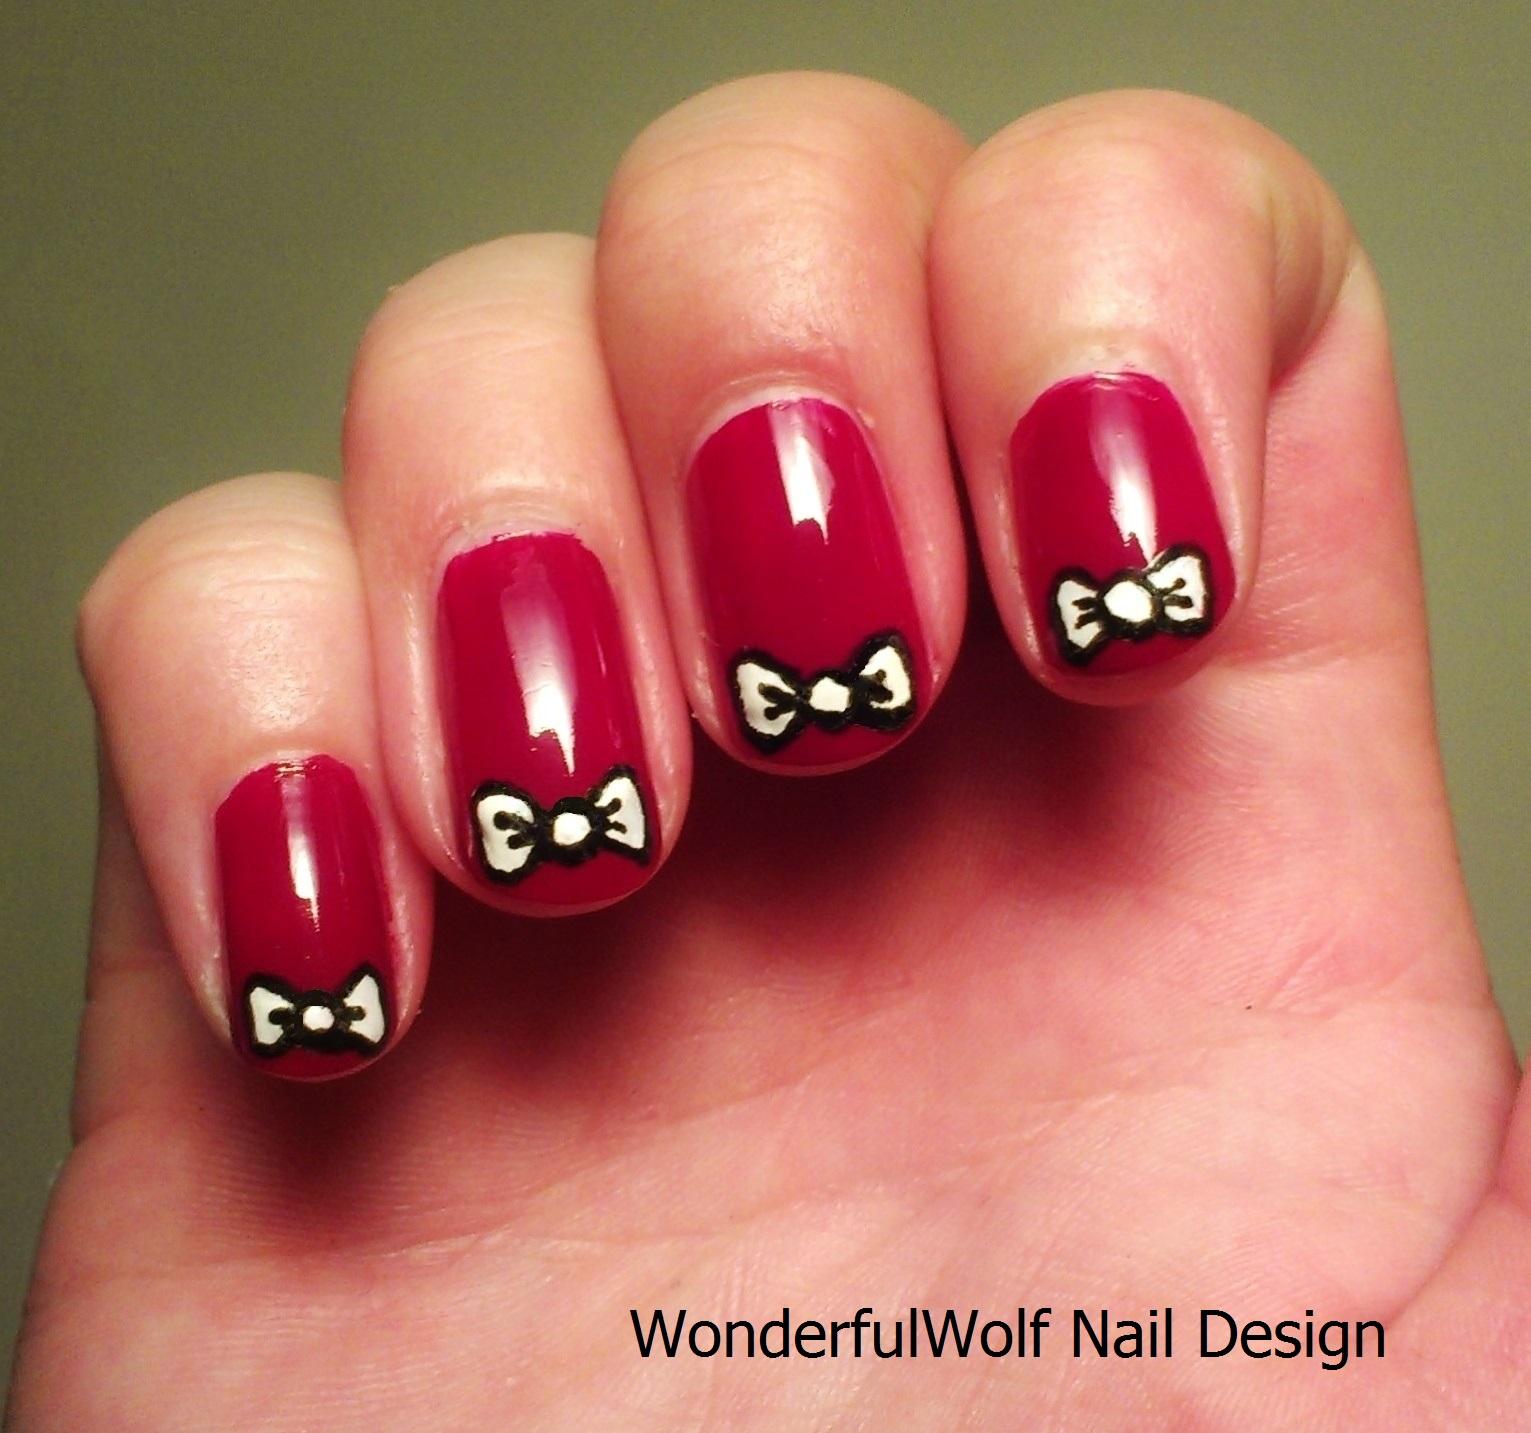 WAH Nails book of Nail Art – WonderfulWolf